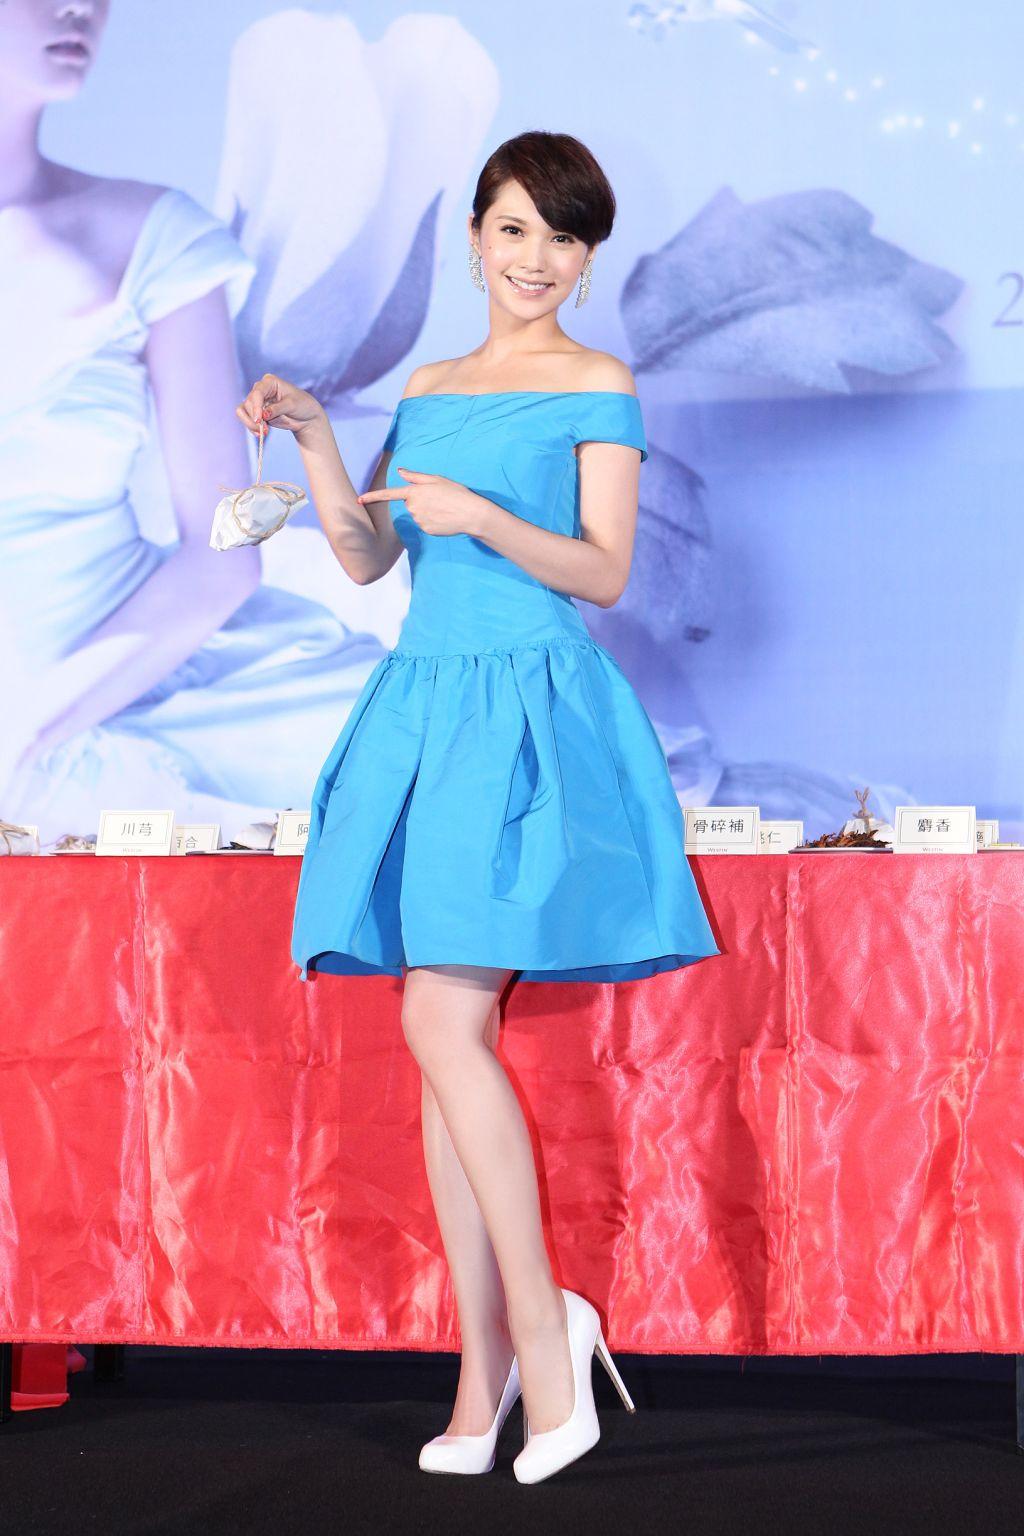 楊丞琳《為愛啟程》3月開唱 礙於「尺度障礙」要露很難 - WoWoNews